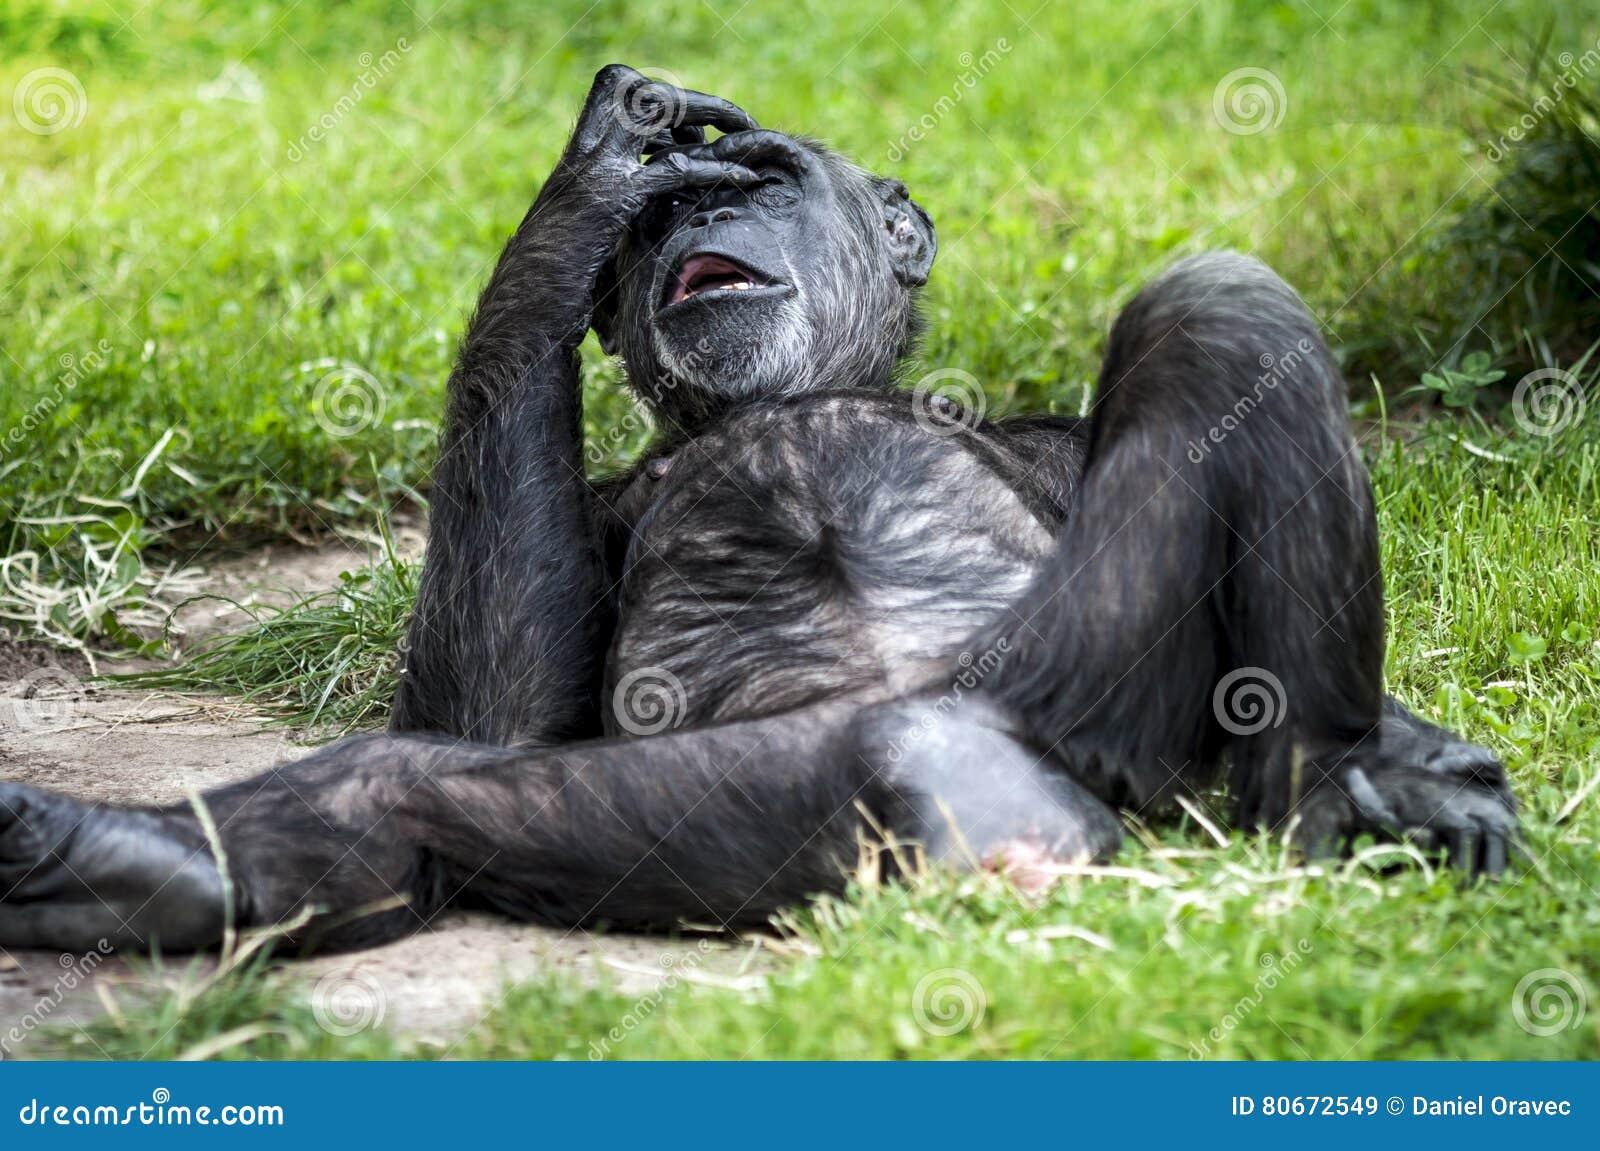 Chimpanzee - Pan Troglodytes Portrait.